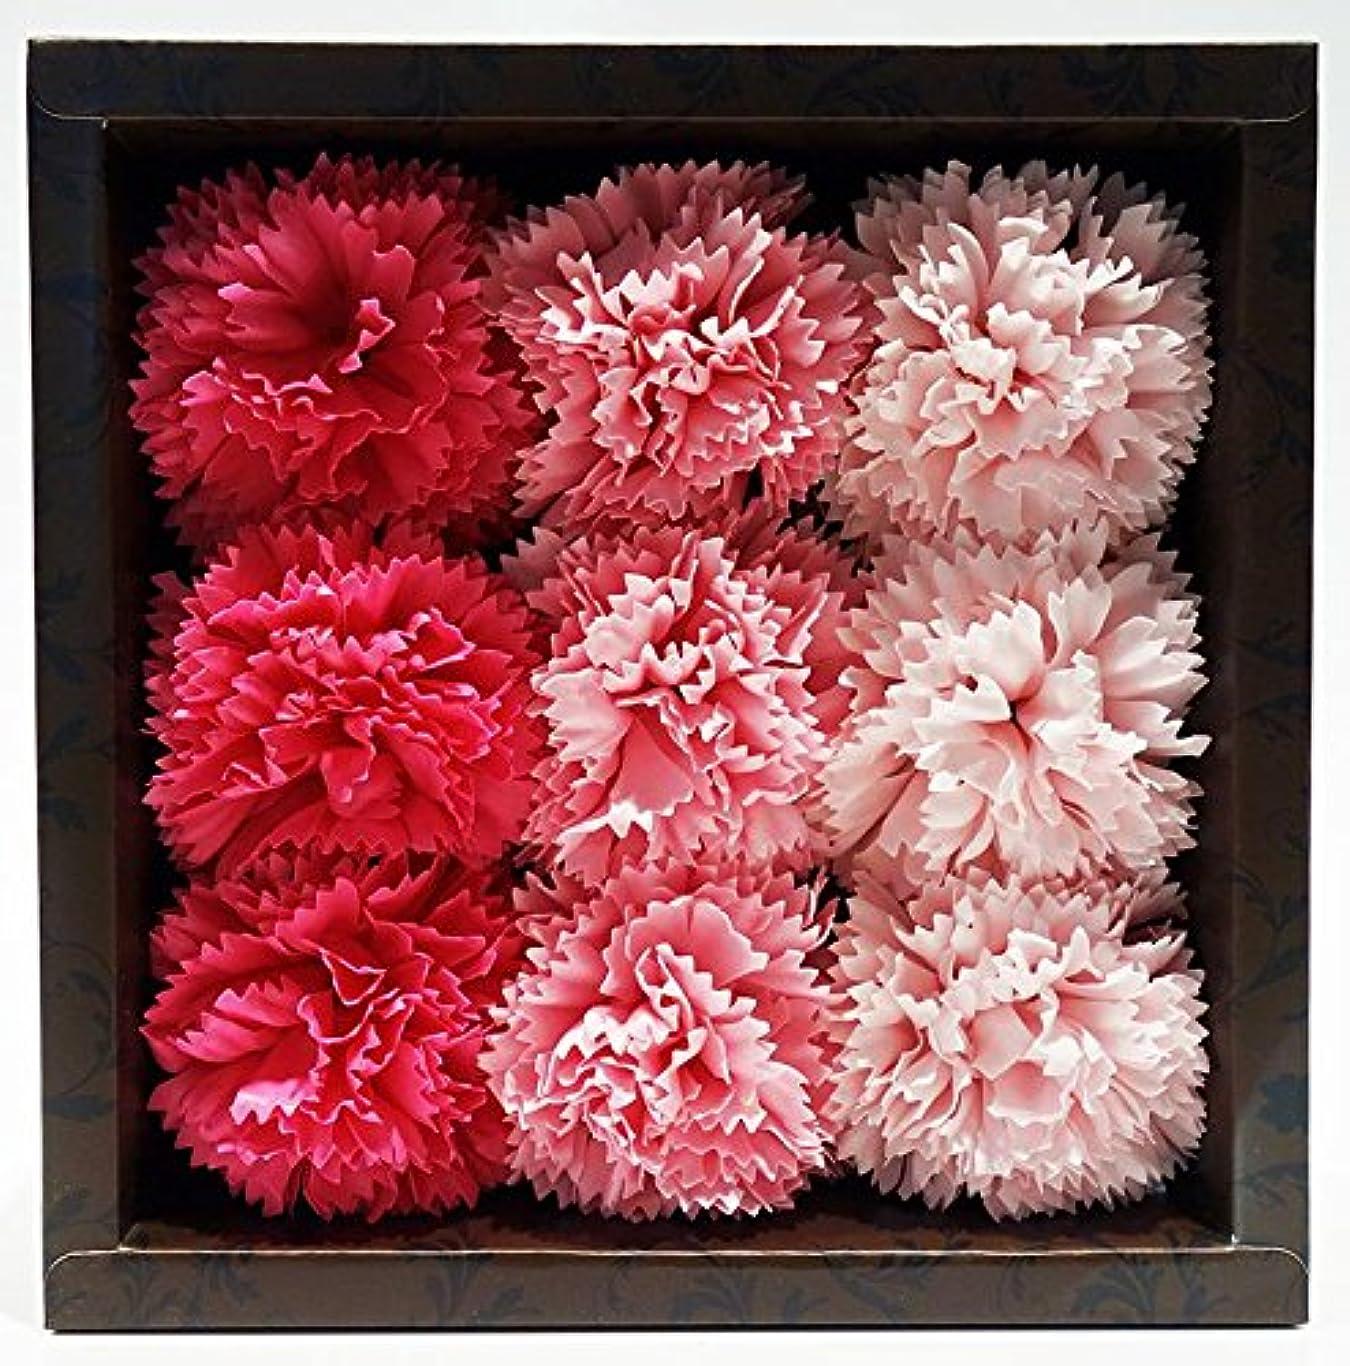 受け入れる複数謎バスフレグランス バスフラワー カーネーション ピンクカラー お花の形の入浴剤 母の日 プレゼント ギフト